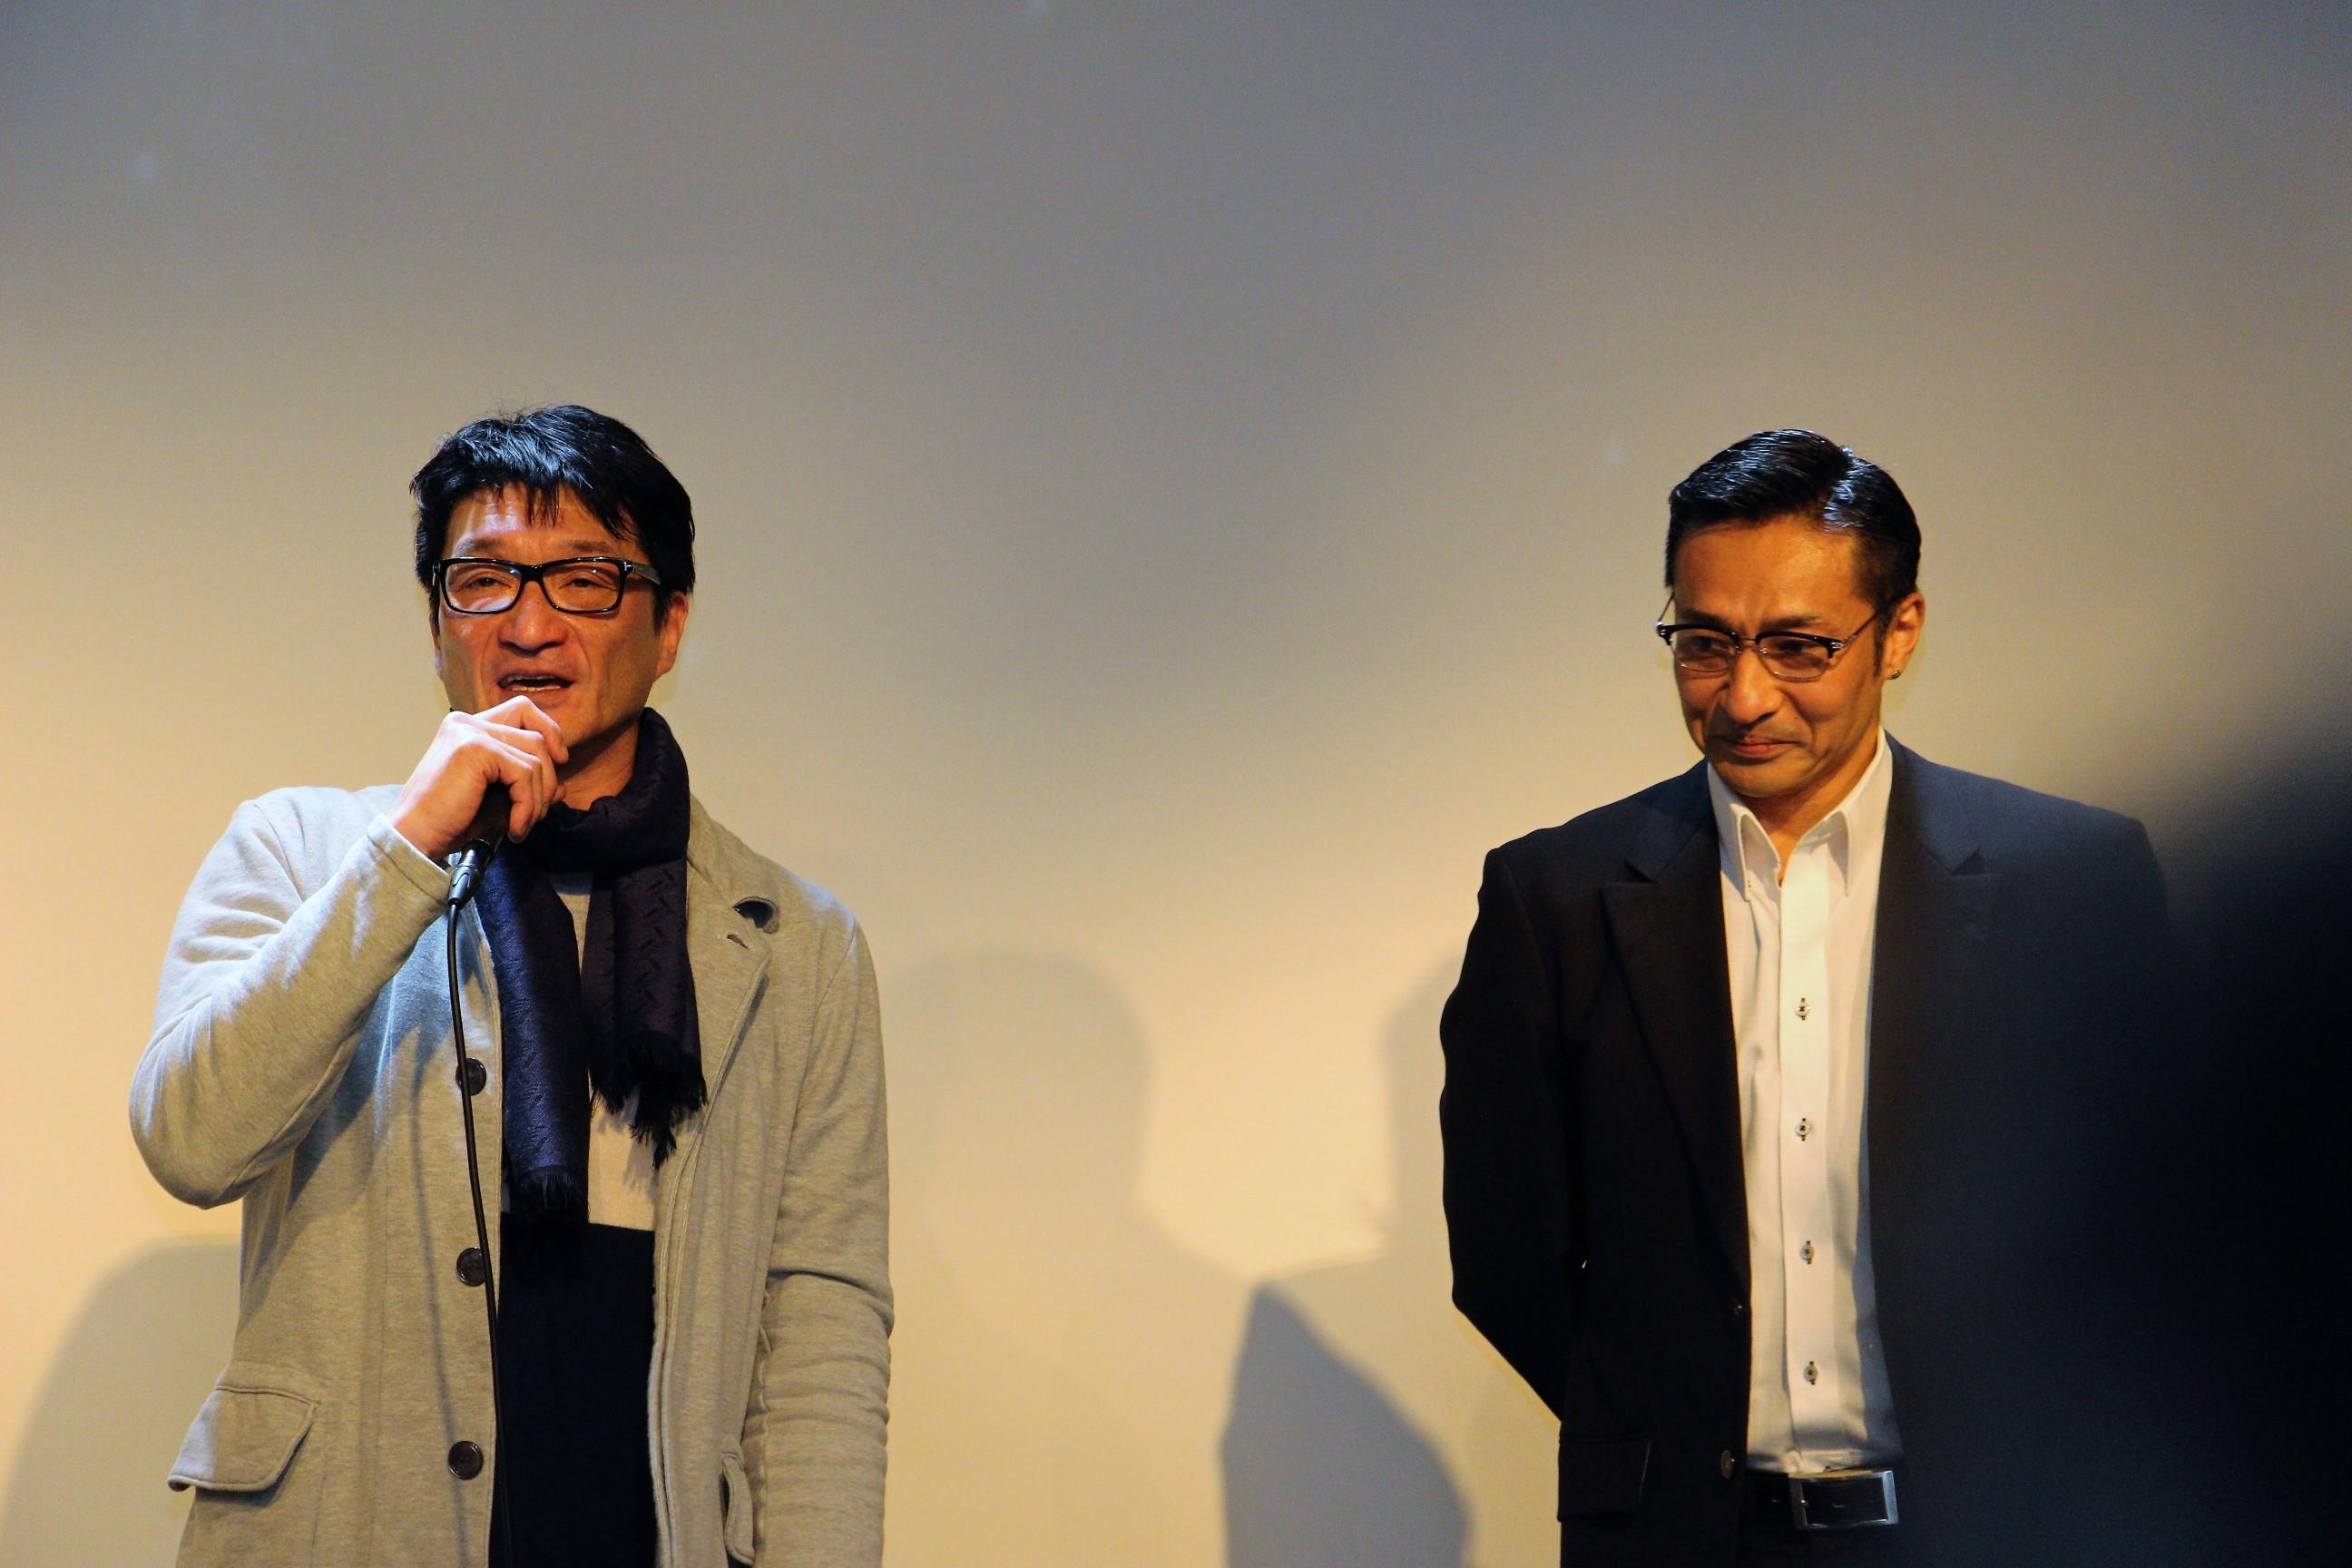 『覇王 凶血の系譜I』監督の小沢和義(左)とベストアクション男優・最優秀賞 山口祥行(右)